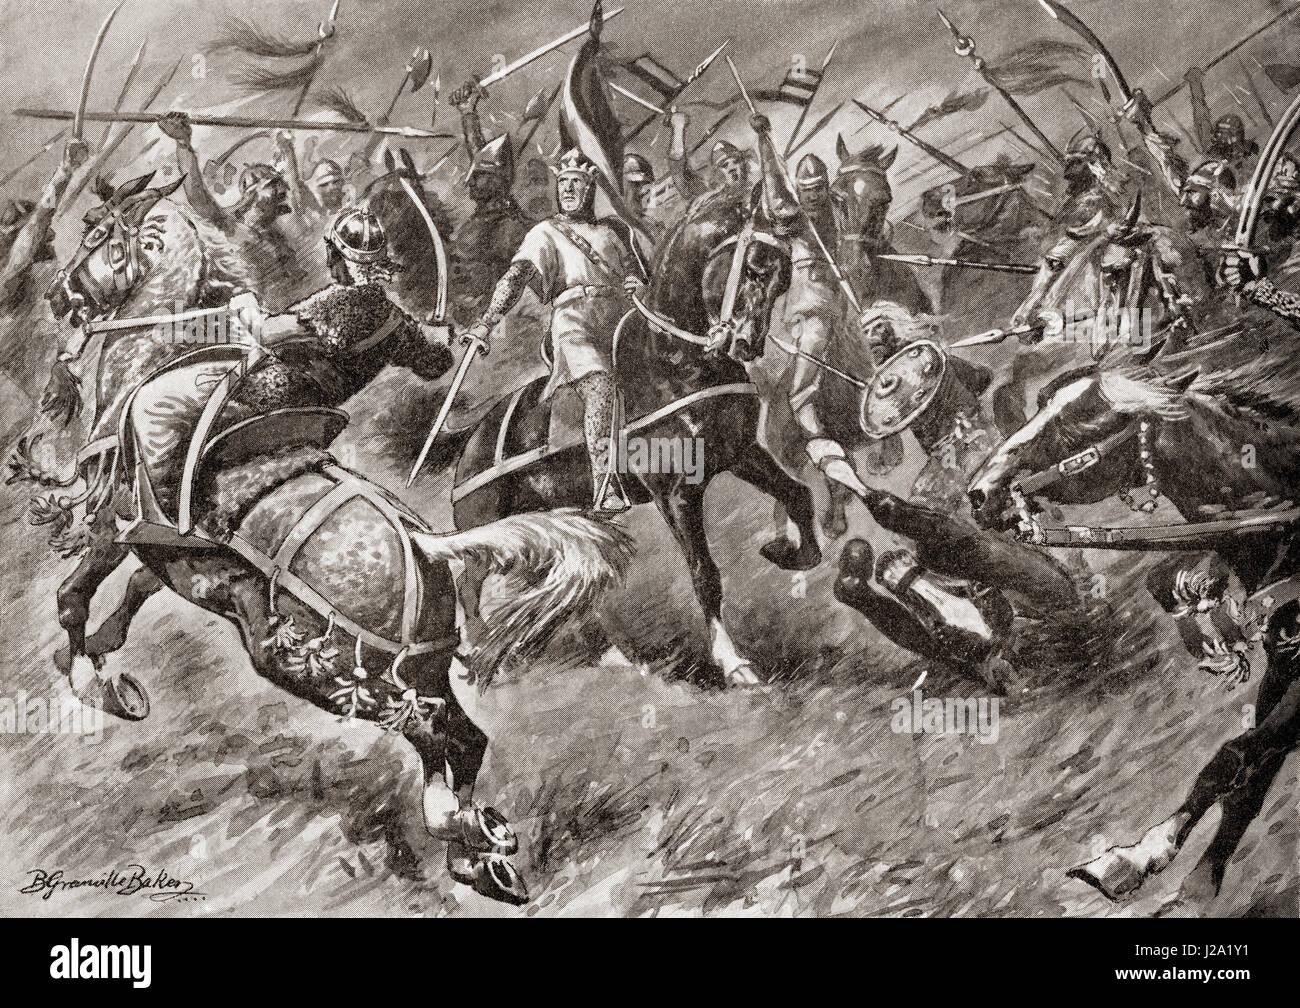 Alfonso von Aragon führt eine Armee gegen die Mauren im frühen 12. Jahrhundert. Alfonso I, C 1073-1134, Stockbild